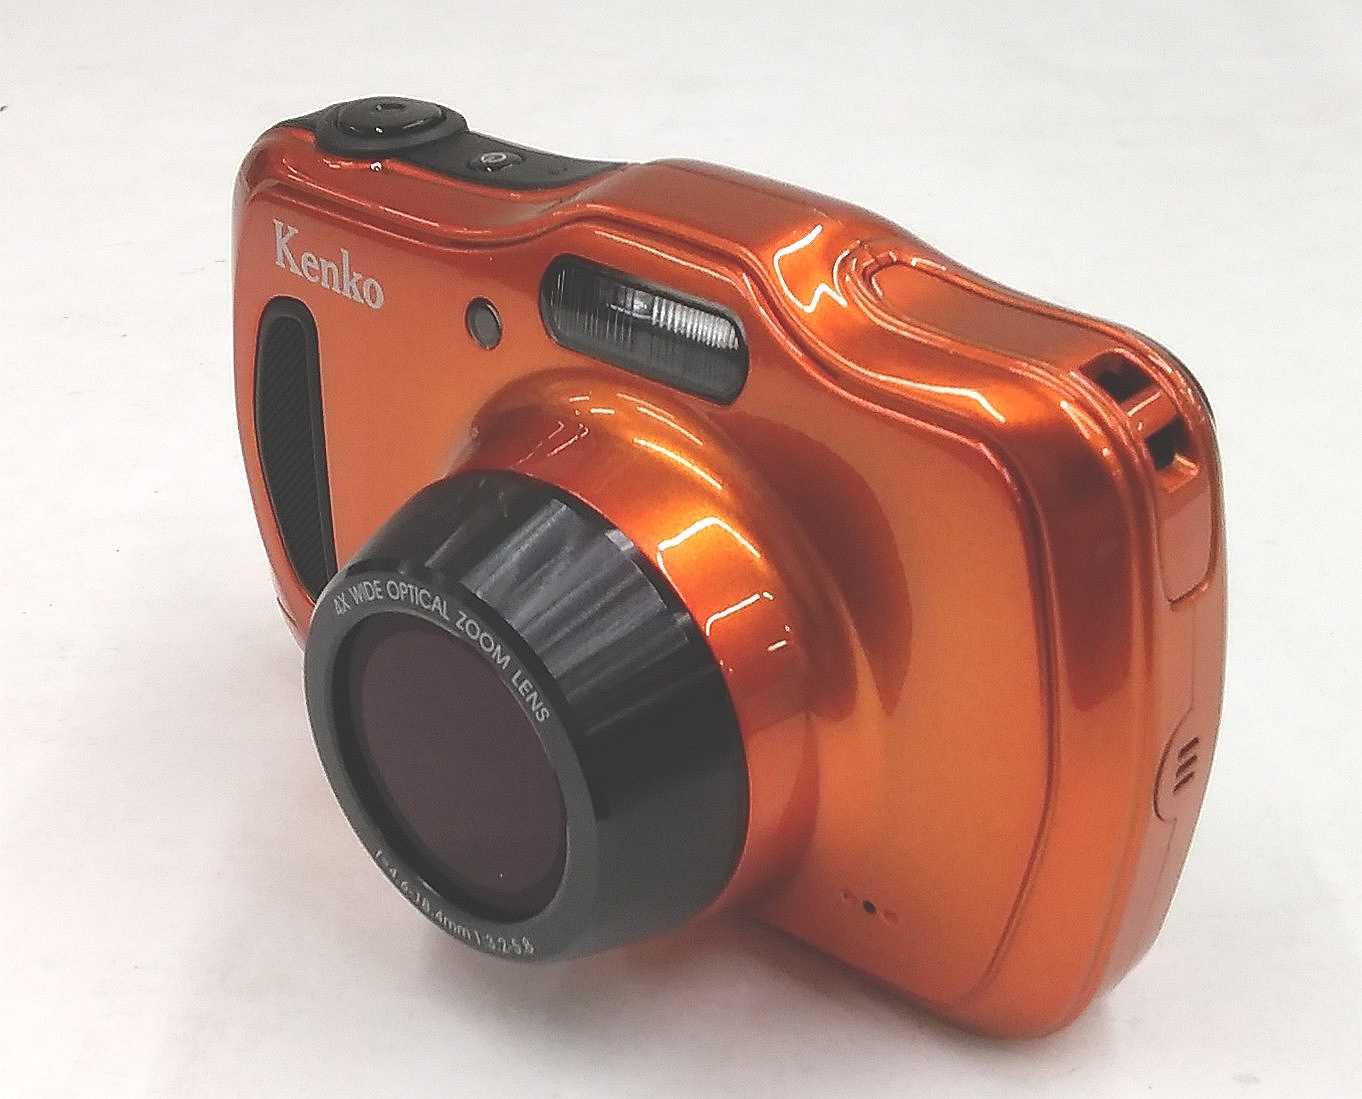 コンパクトデジタルカメラ KENKO